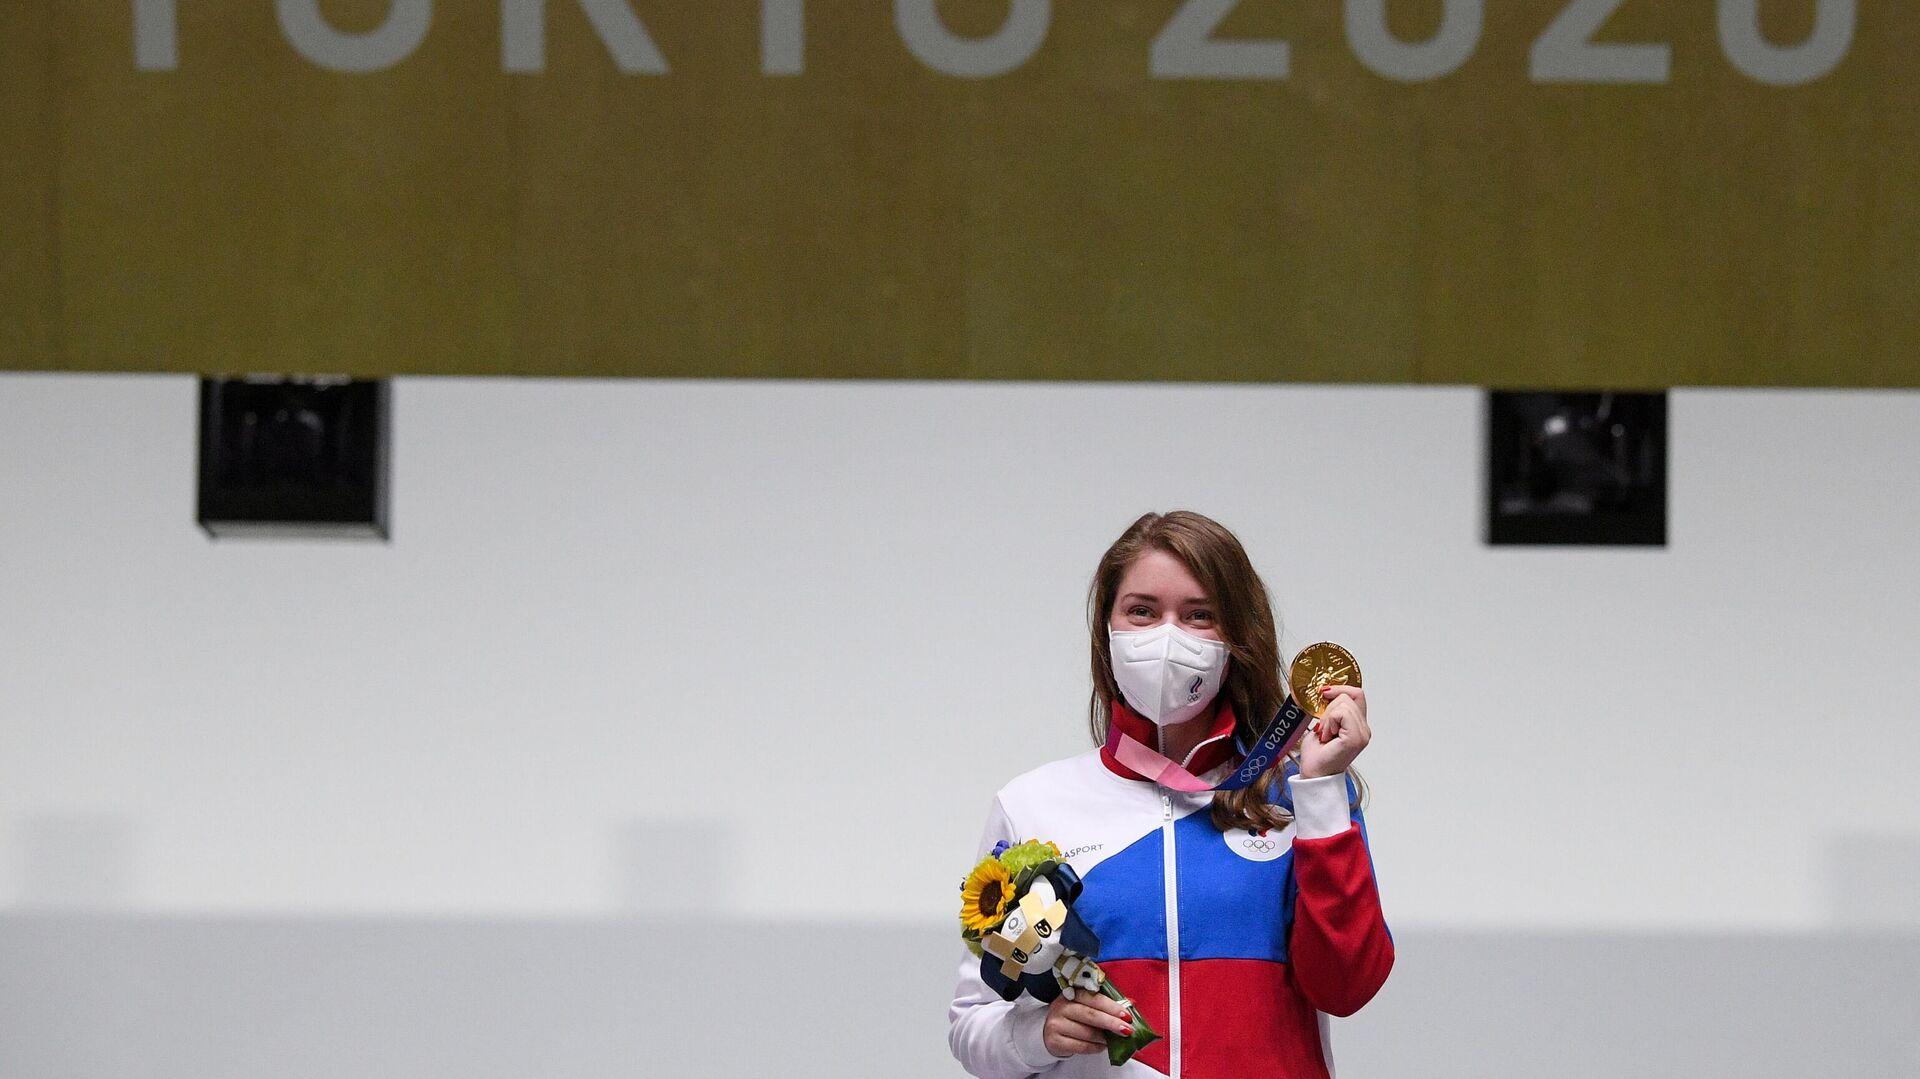 Российская спортсменка Виталина Бацарашкина, завоевавшая золотую медаль в соревнованиях по стрельбе из пневматического пистолета с 10 метров среди женщин на XXXII летних Олимпийских играх в Токио - РИА Новости, 1920, 25.07.2021